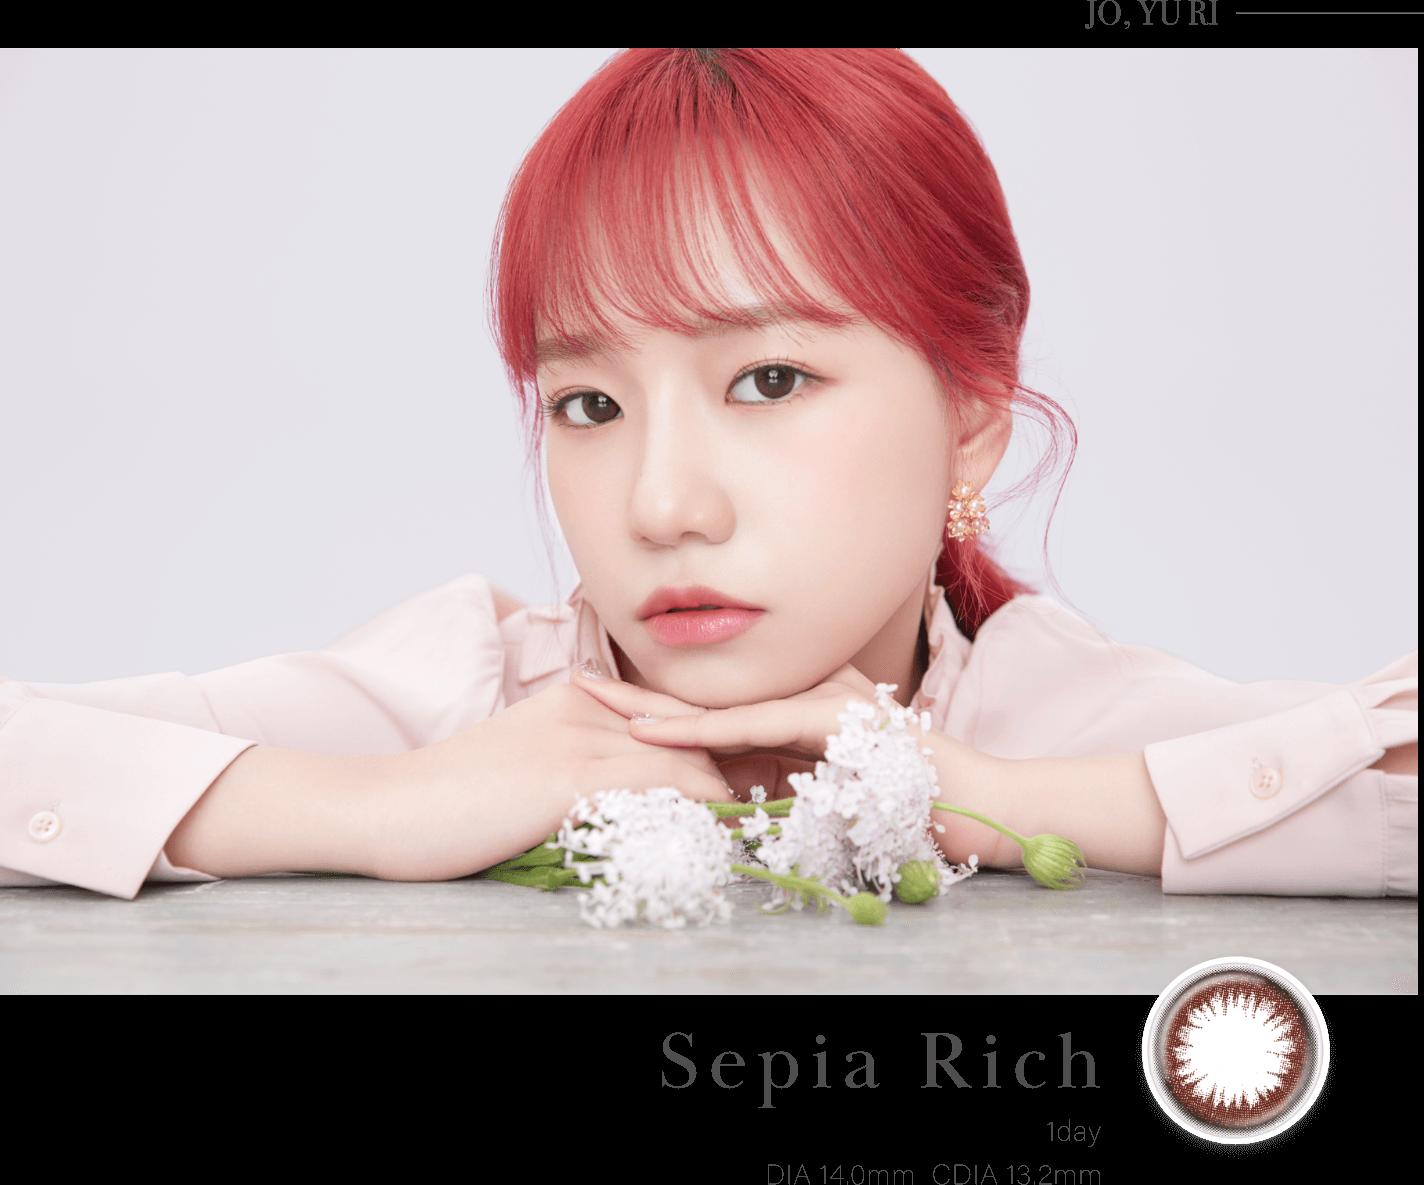 Sepia Rich